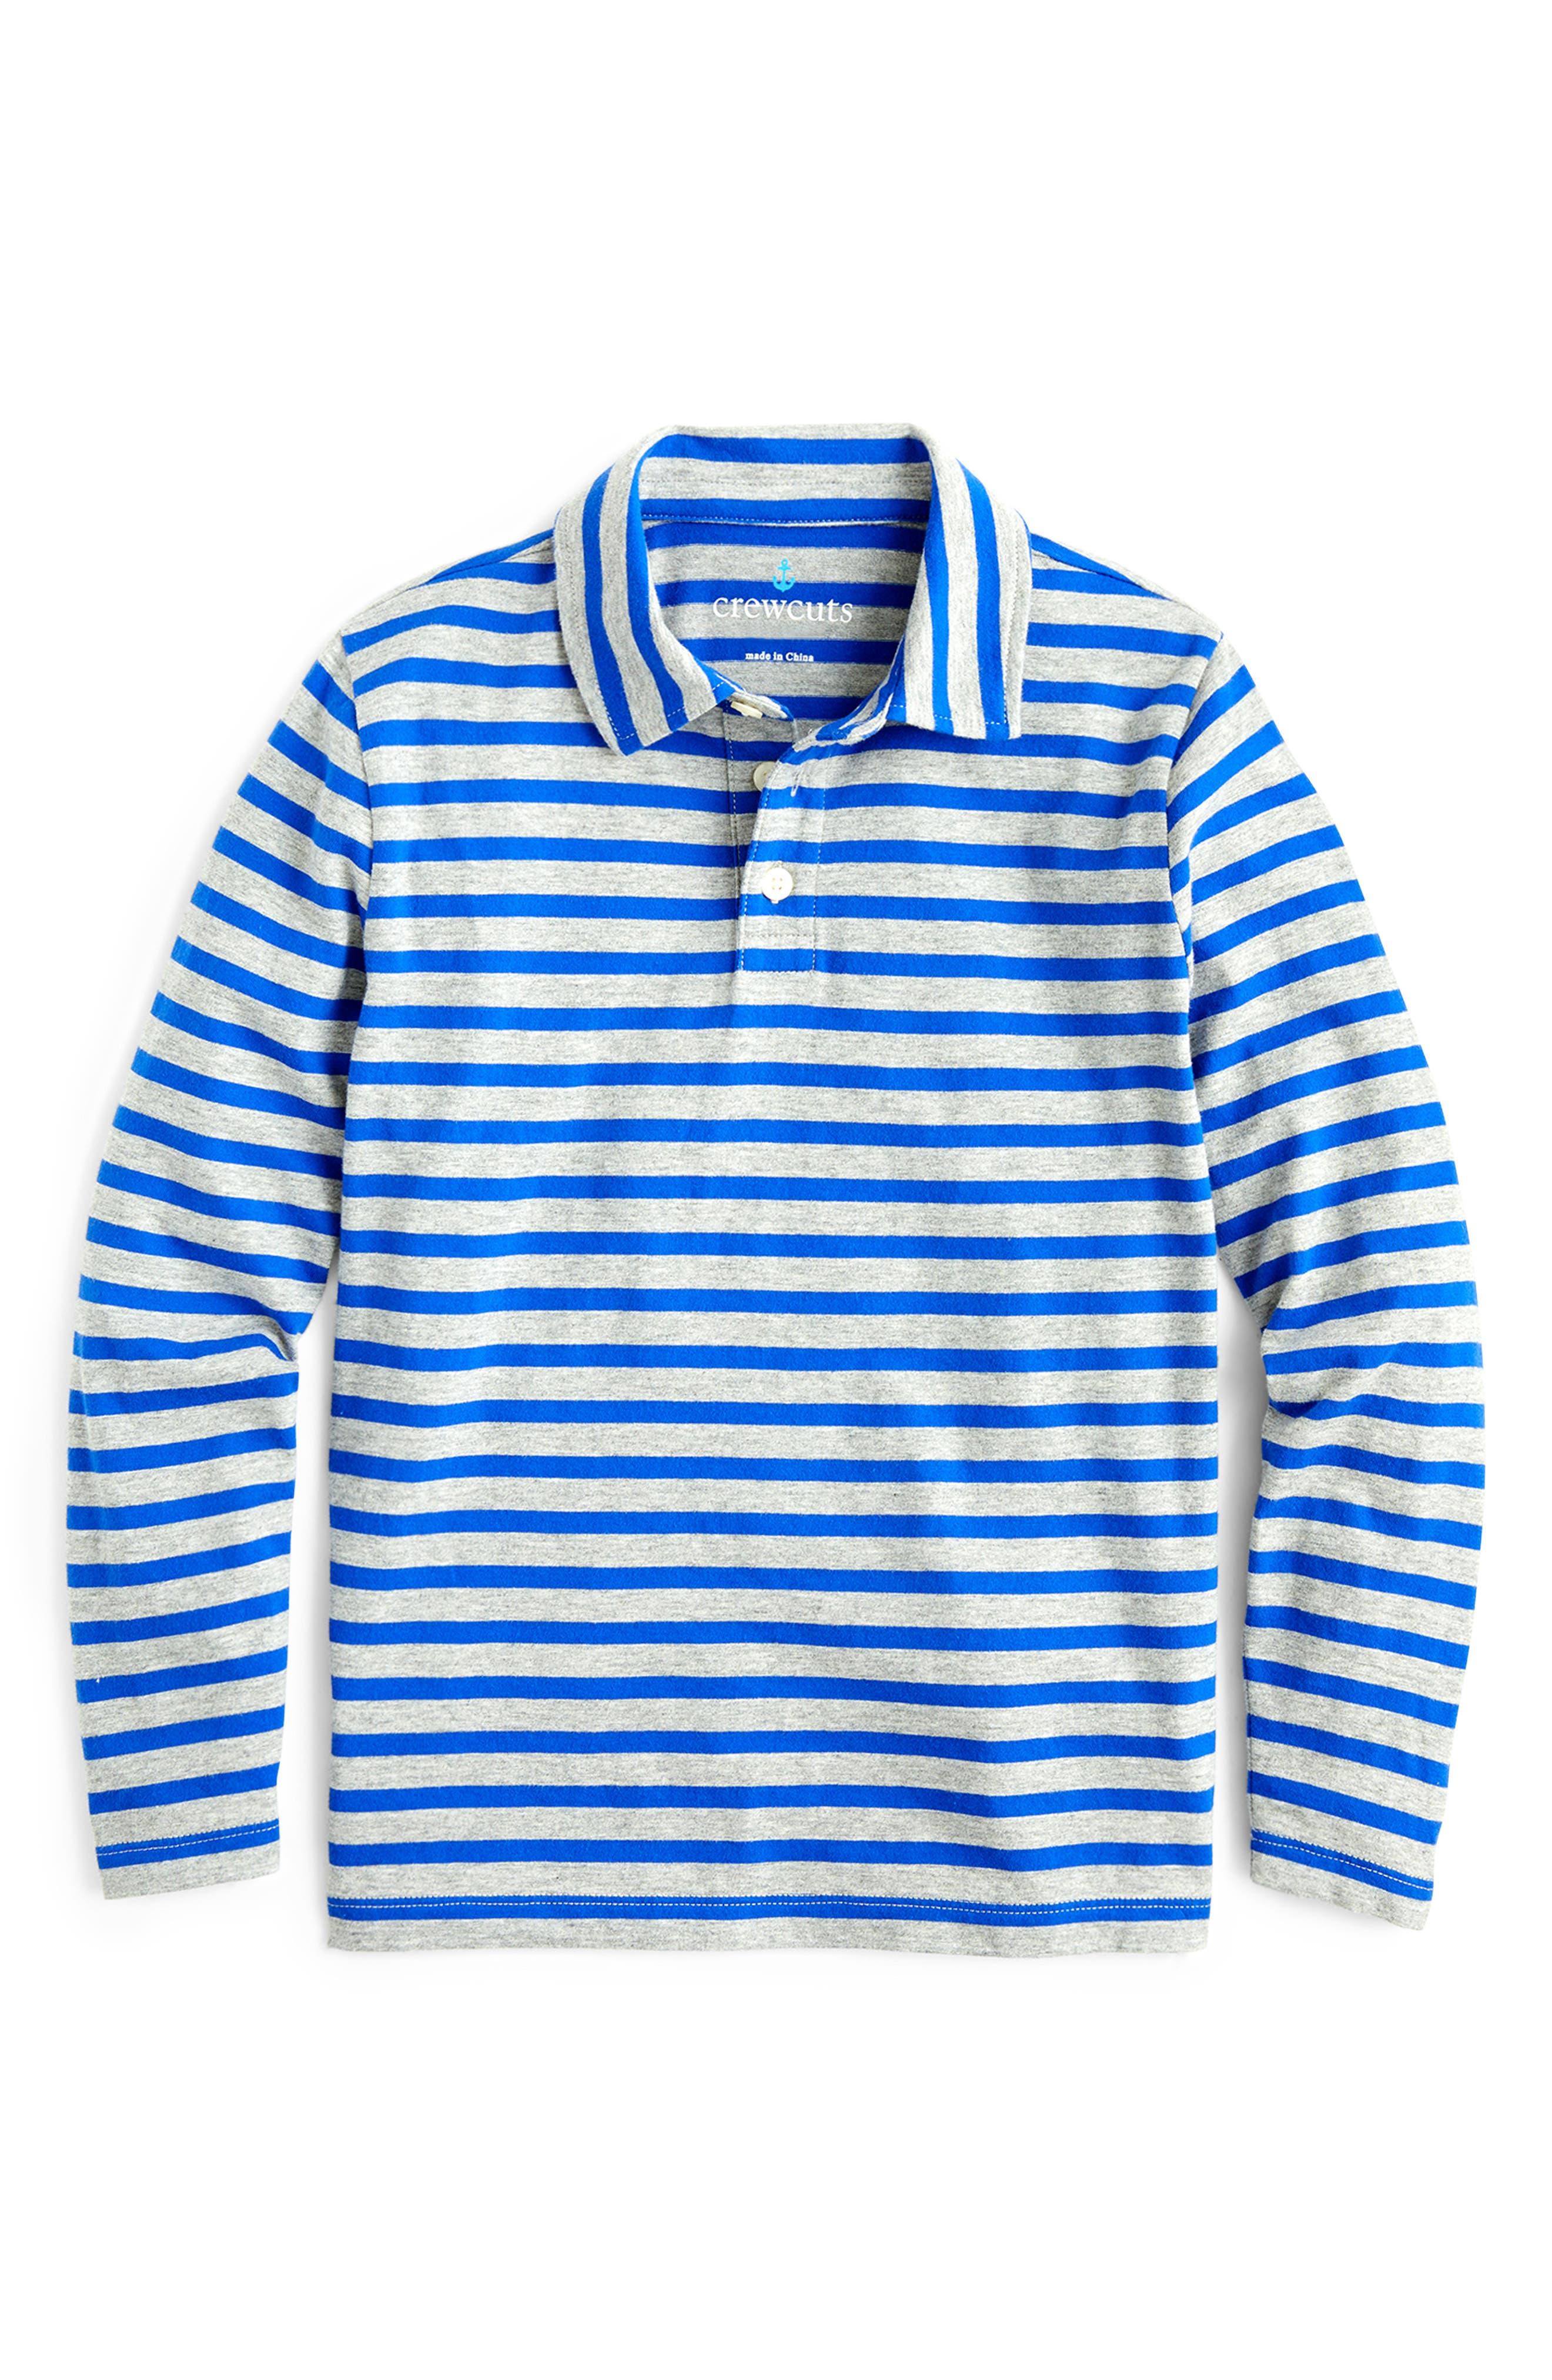 Boys Crewcuts By Jcrew Long Sleeve Stripe Polo Size 16  Blue